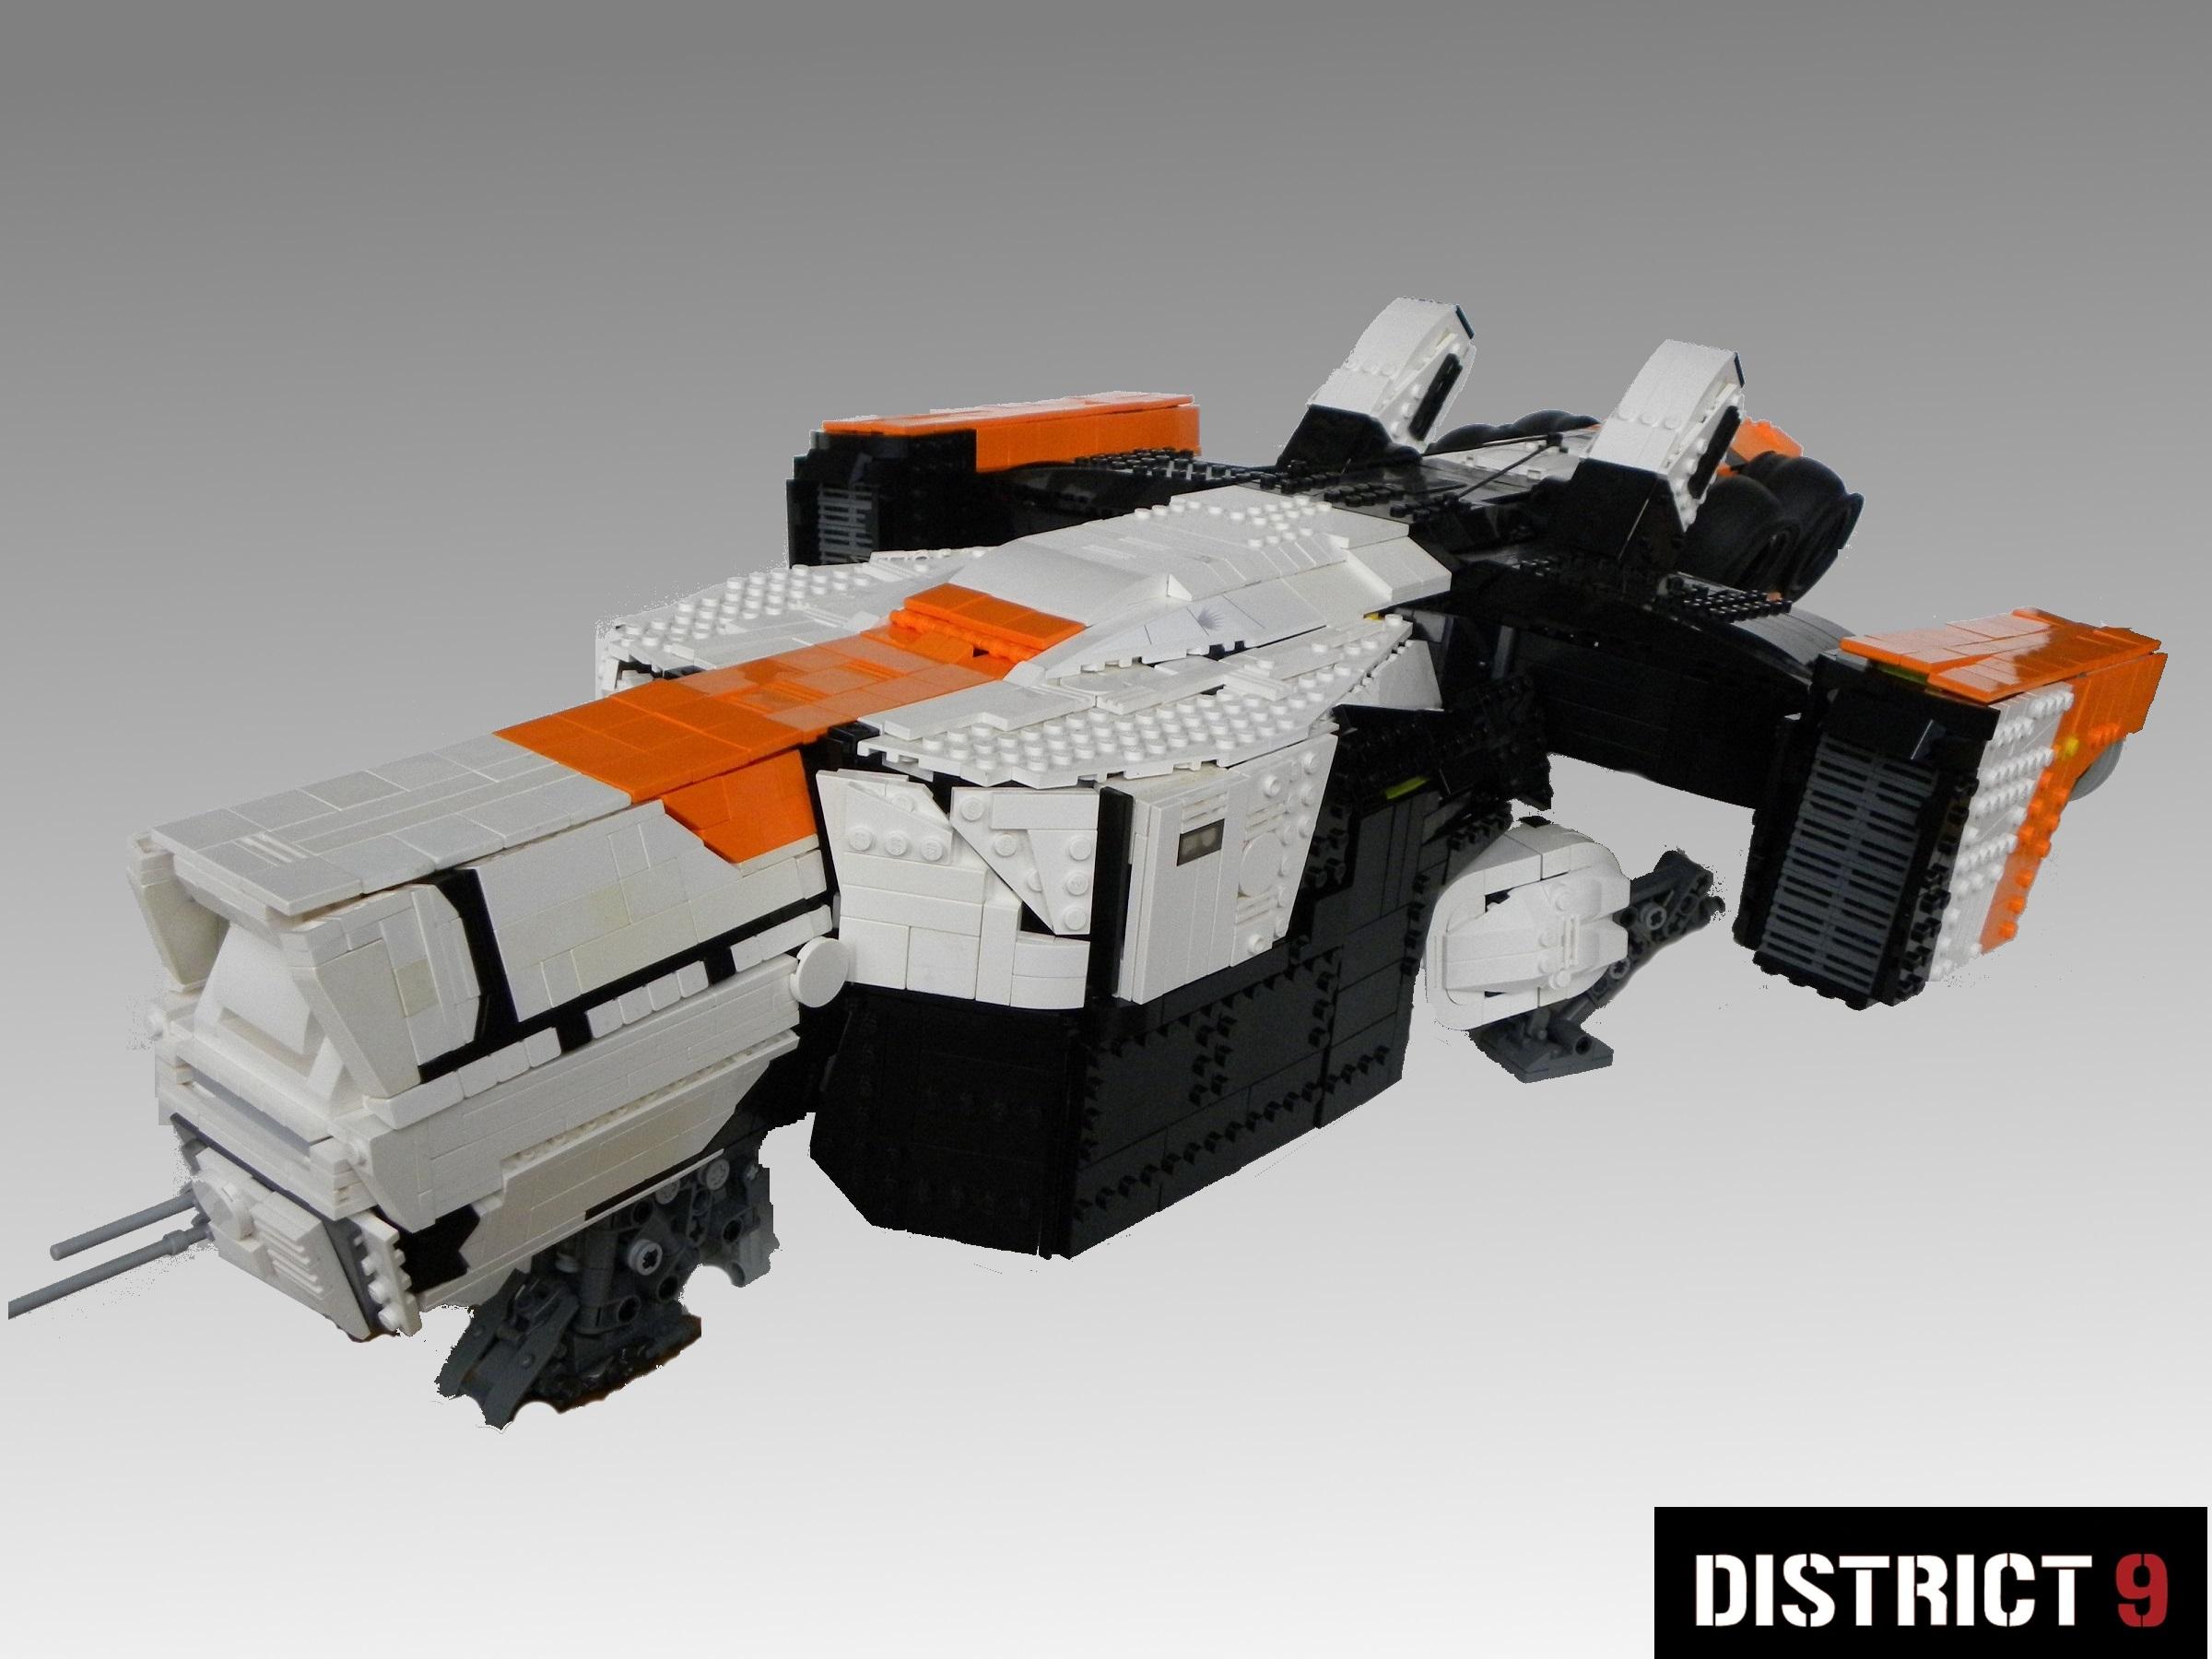 fond d 39 cran espace lego vaisseau spatial la technologie jouet machine 9 district moc. Black Bedroom Furniture Sets. Home Design Ideas